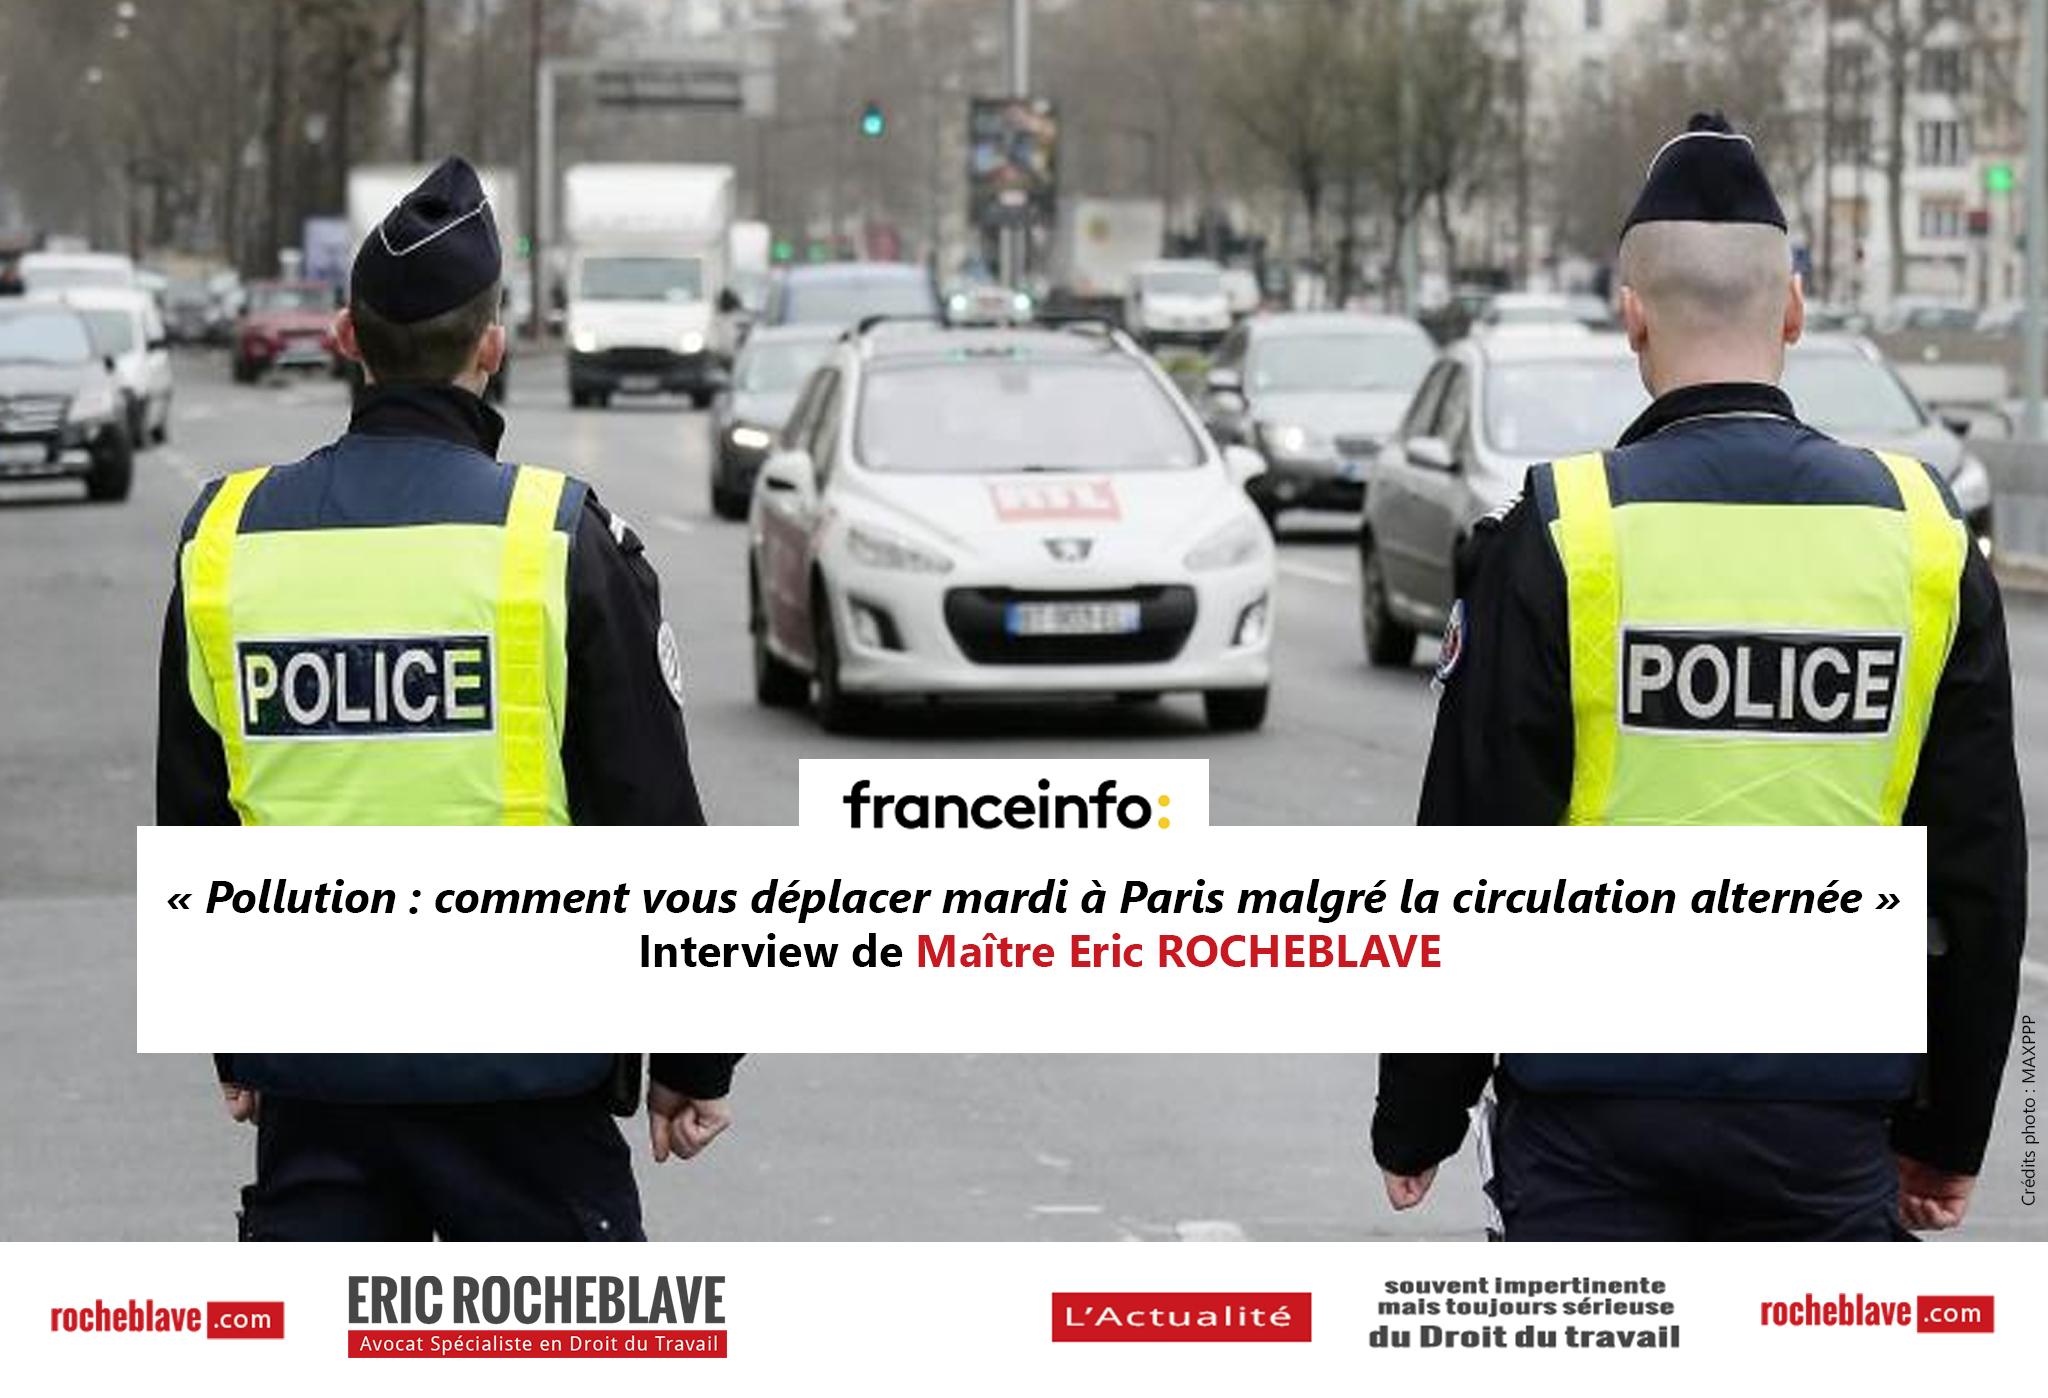 « Pollution : comment vous déplacer mardi à Paris malgré la circulation alternée » Interview de Maître Eric ROCHEBLAVE | franceinfo